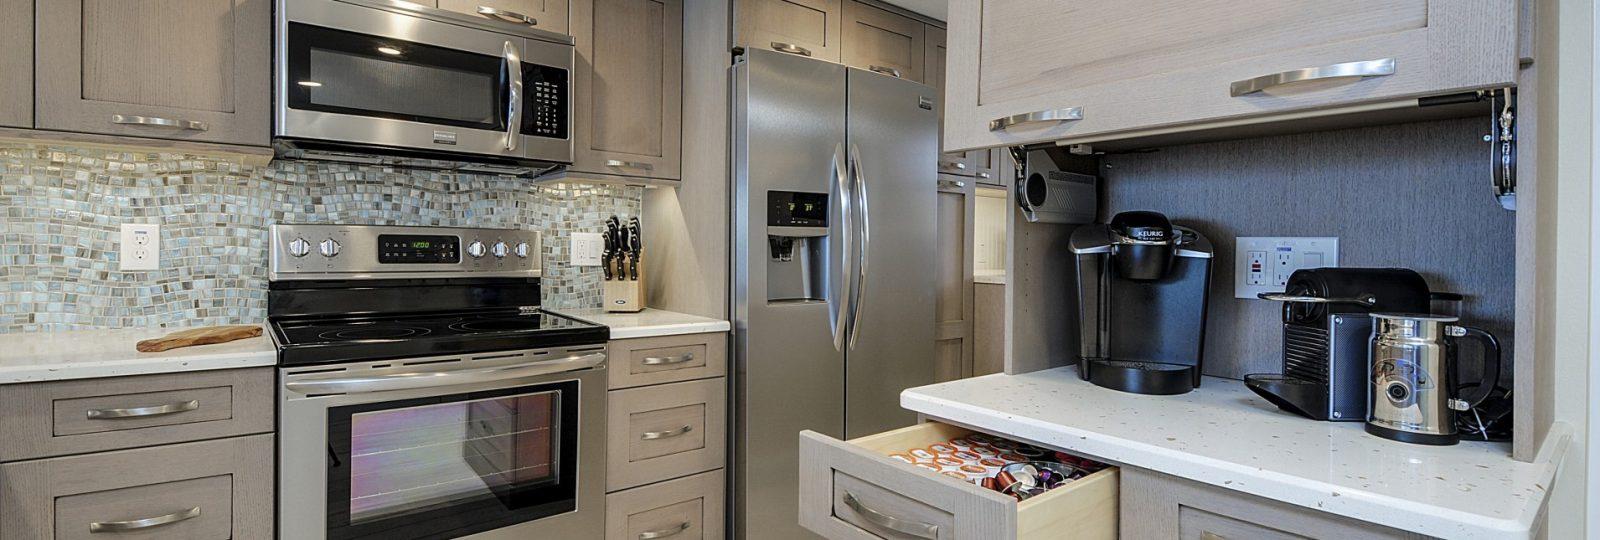 kitchen cabinet installation company kalona ia